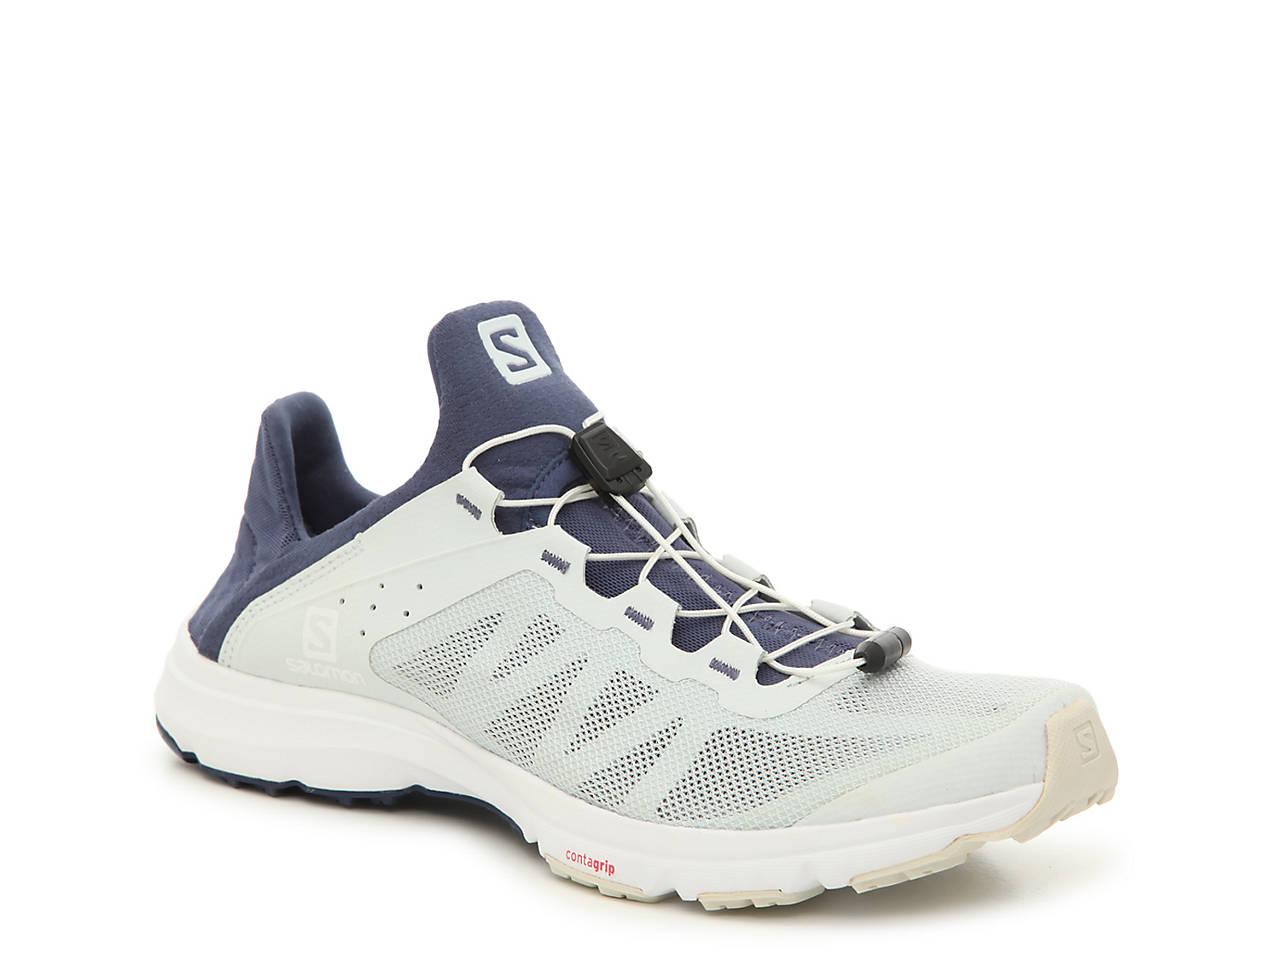 dbd555c9b98e Salomon Amphib Bold Water Shoe Women s Shoes